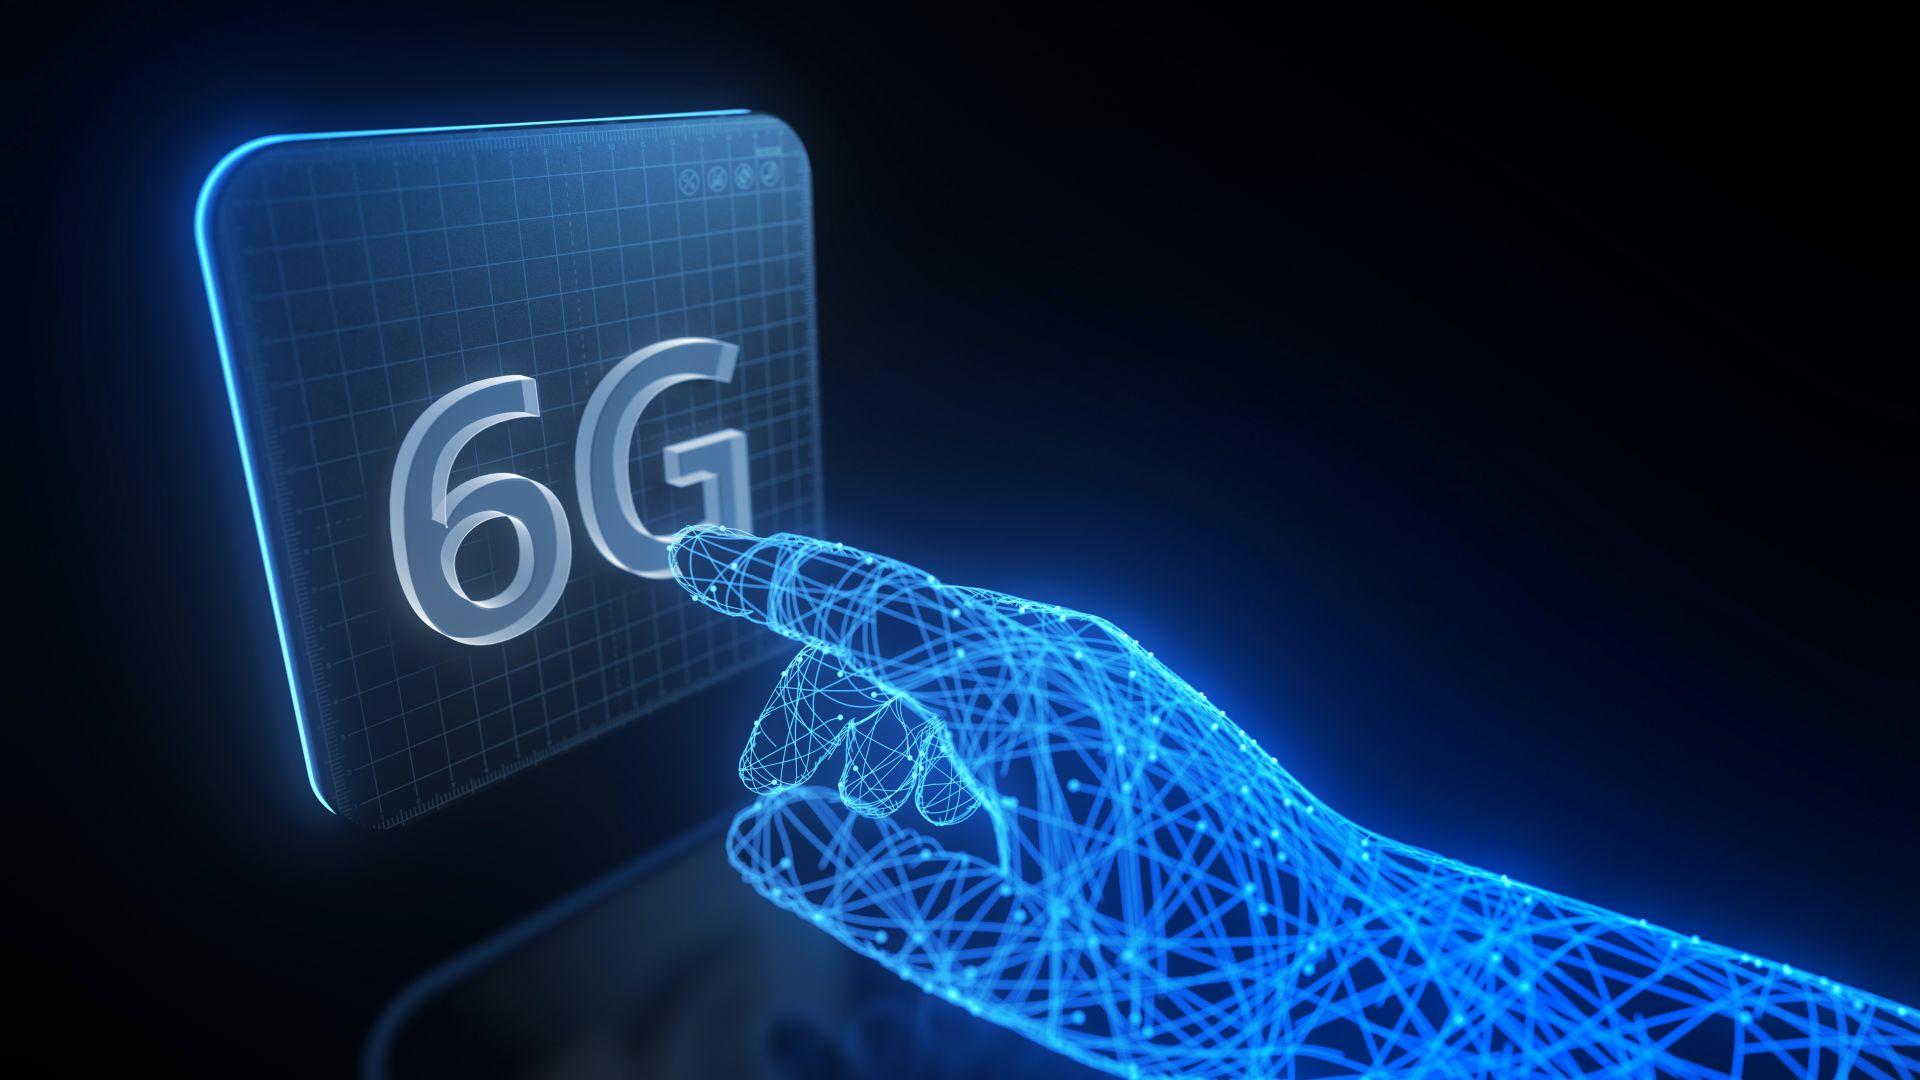 До 10 години вече ще сме с 6G мрежи със скорост 1ТB в секунда